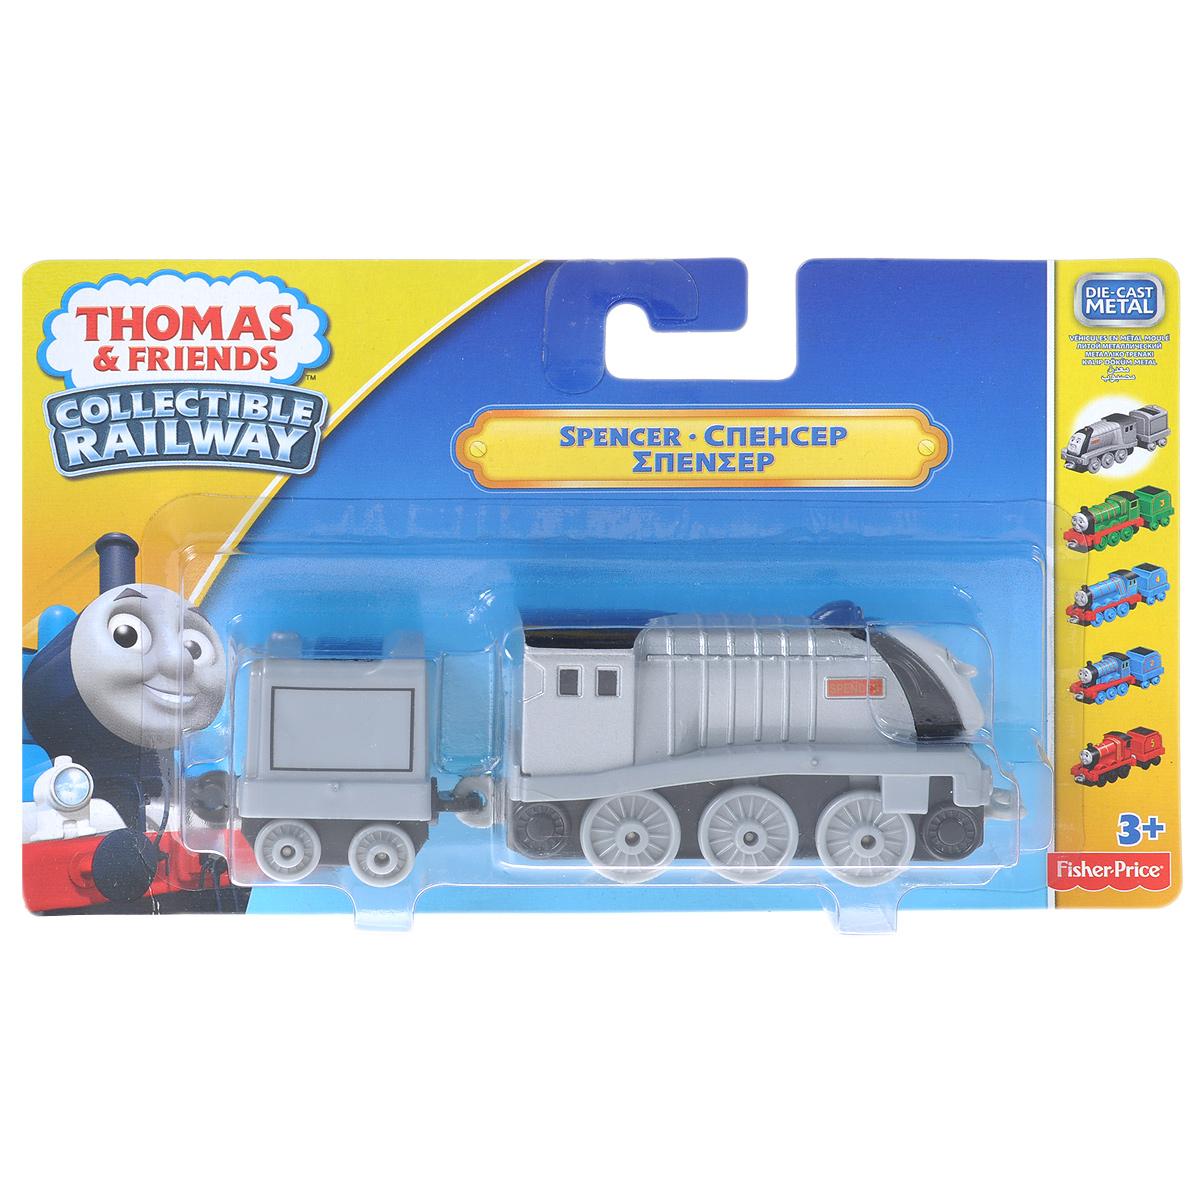 Thomas&Friends Collectors Базовый паровозик с прицепом: Спенсер